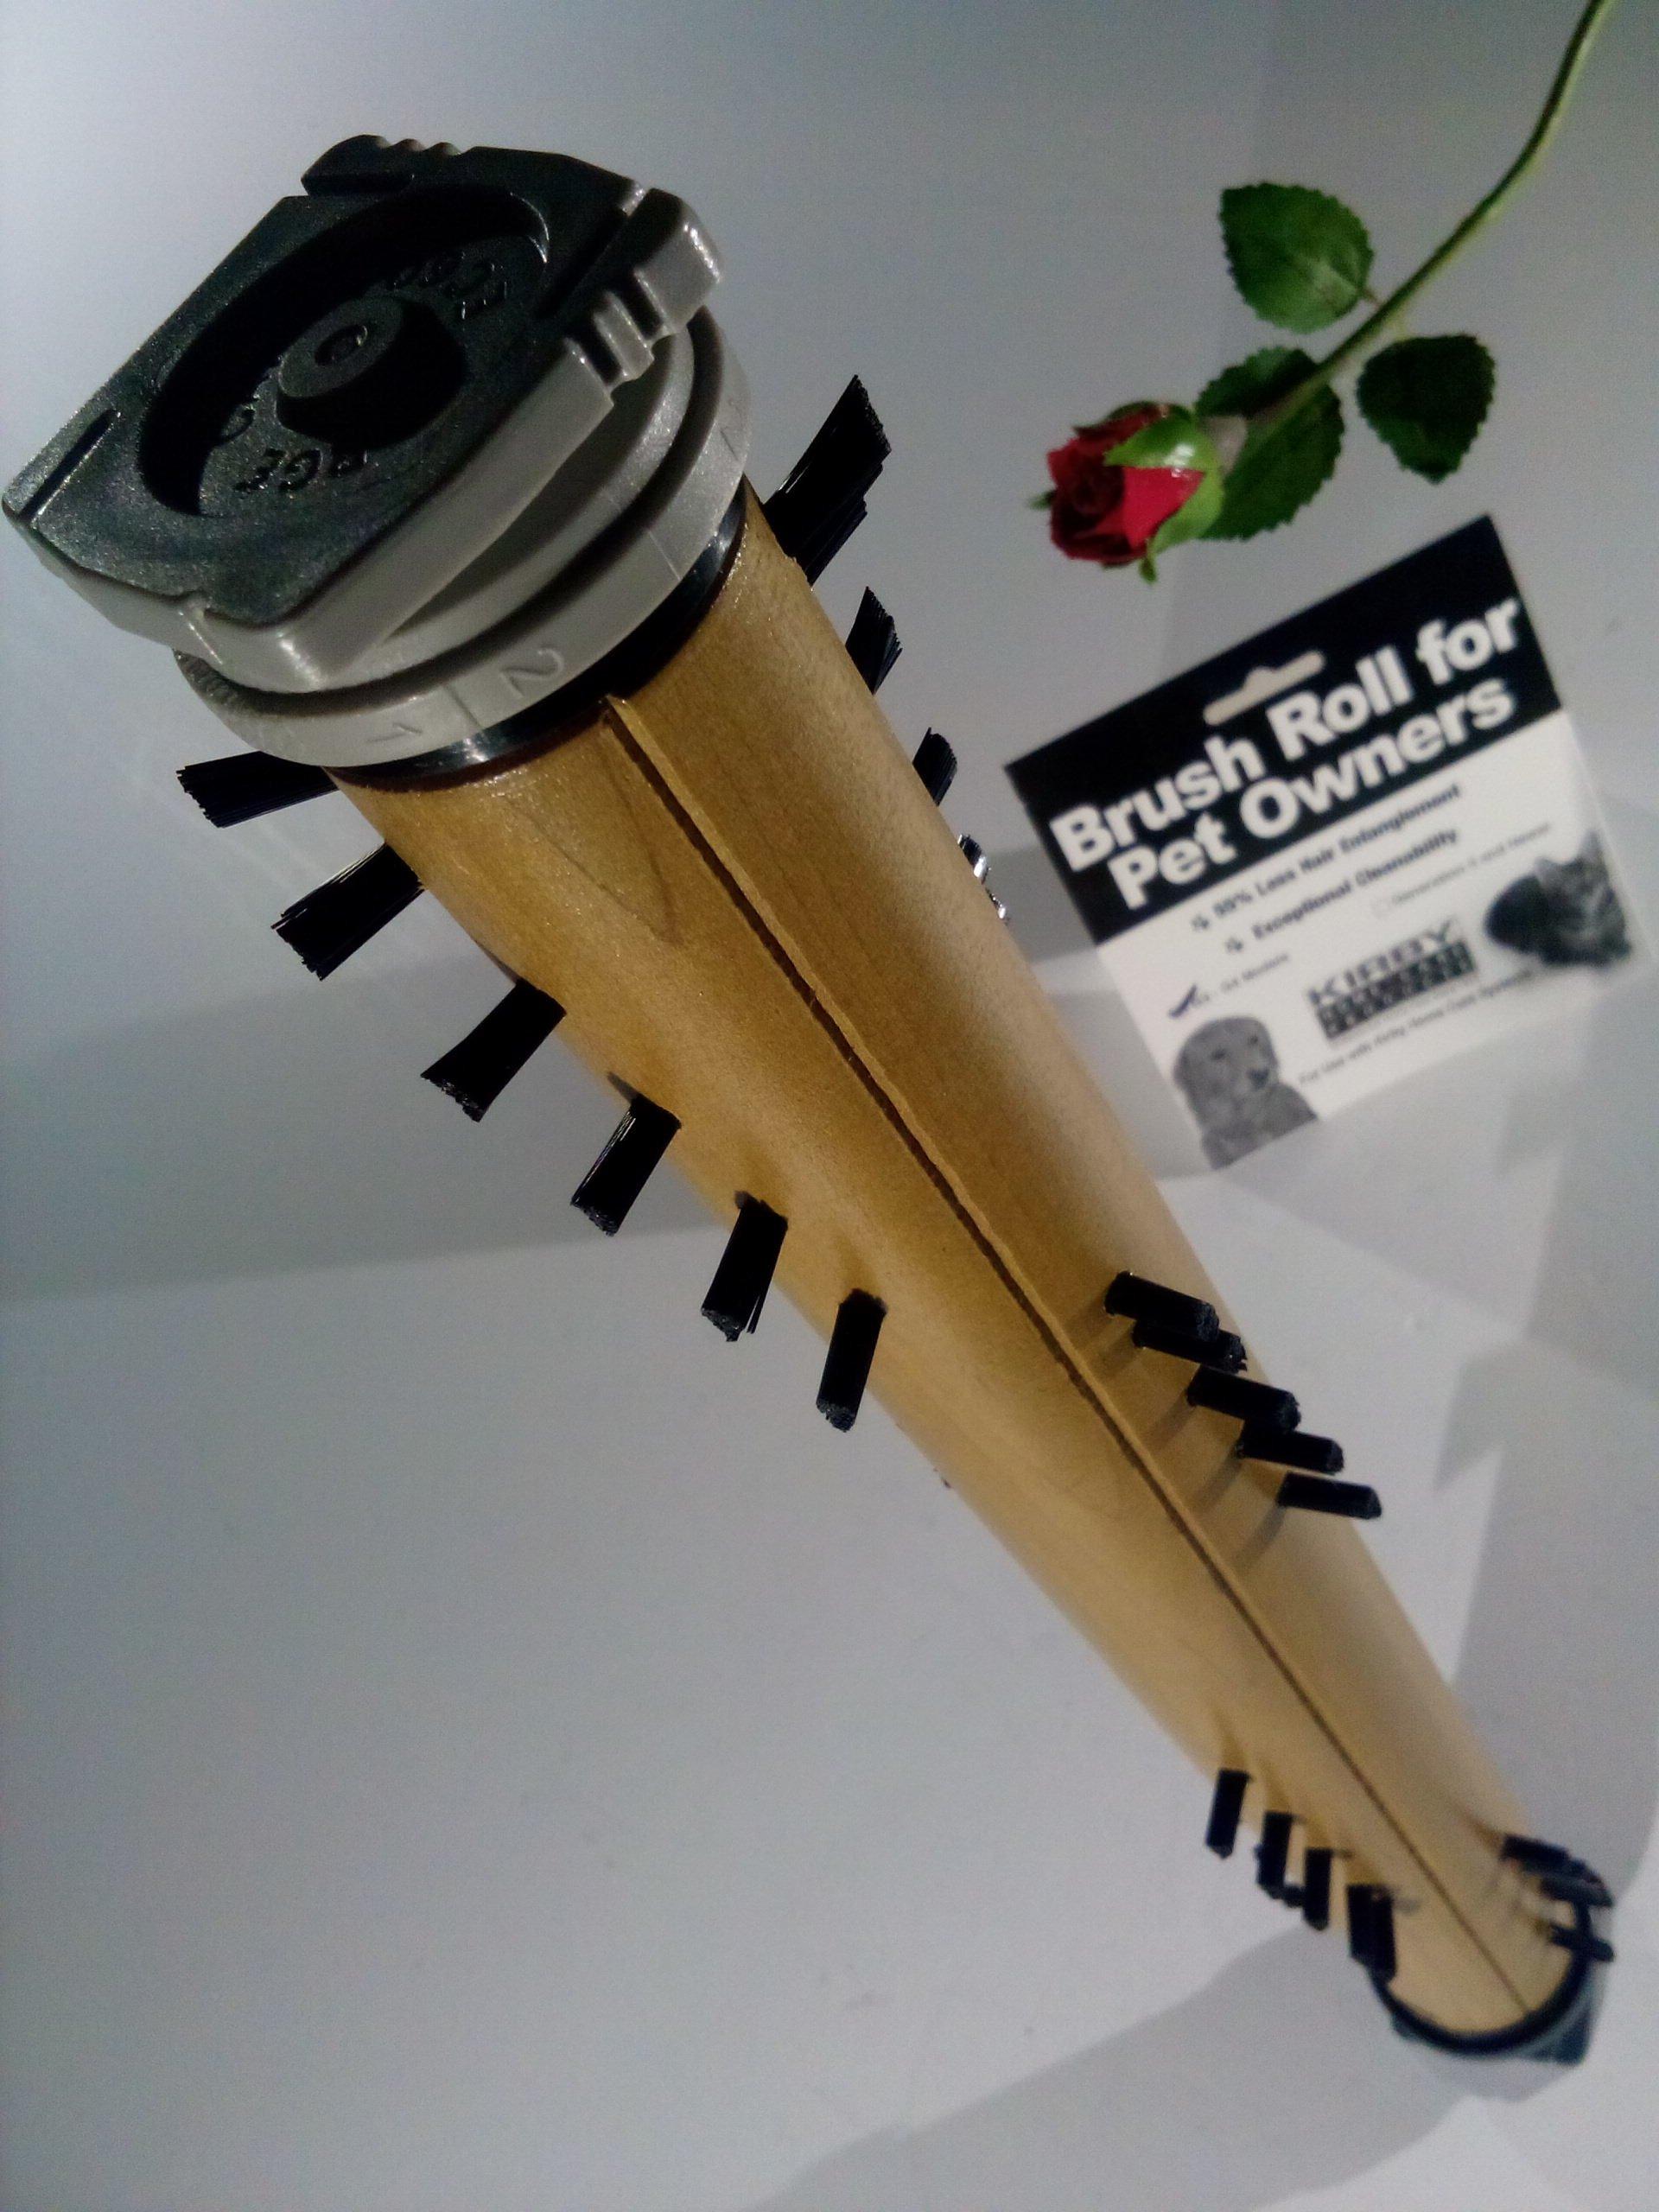 Kirby Vacuum Cleaner Brush Roll Brushroll Roller Bar Brush Bar Beater Bar Pet Hair g3/g4